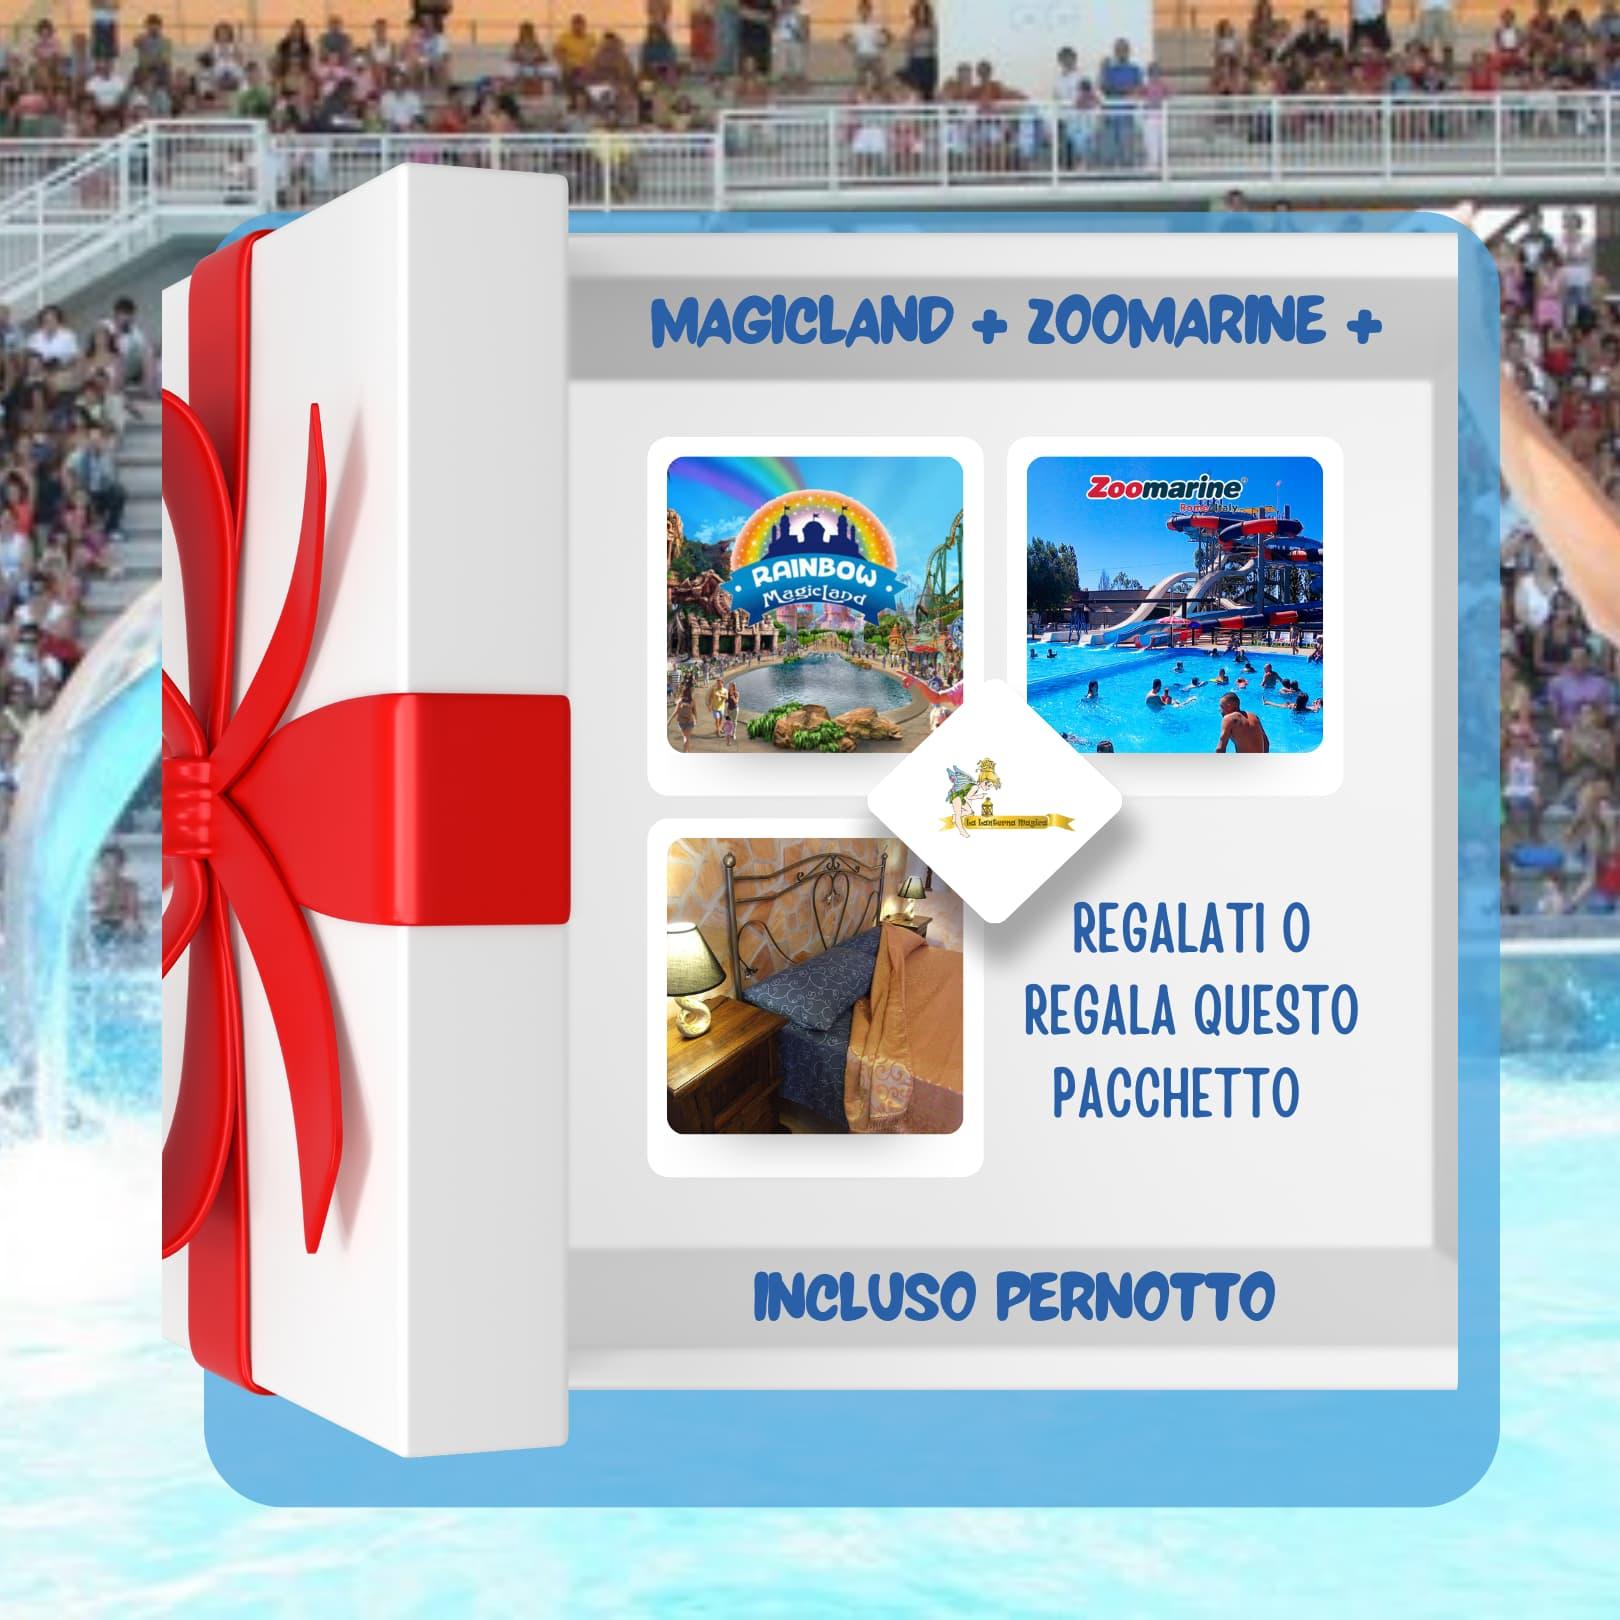 pacchetto magicland zoomarine